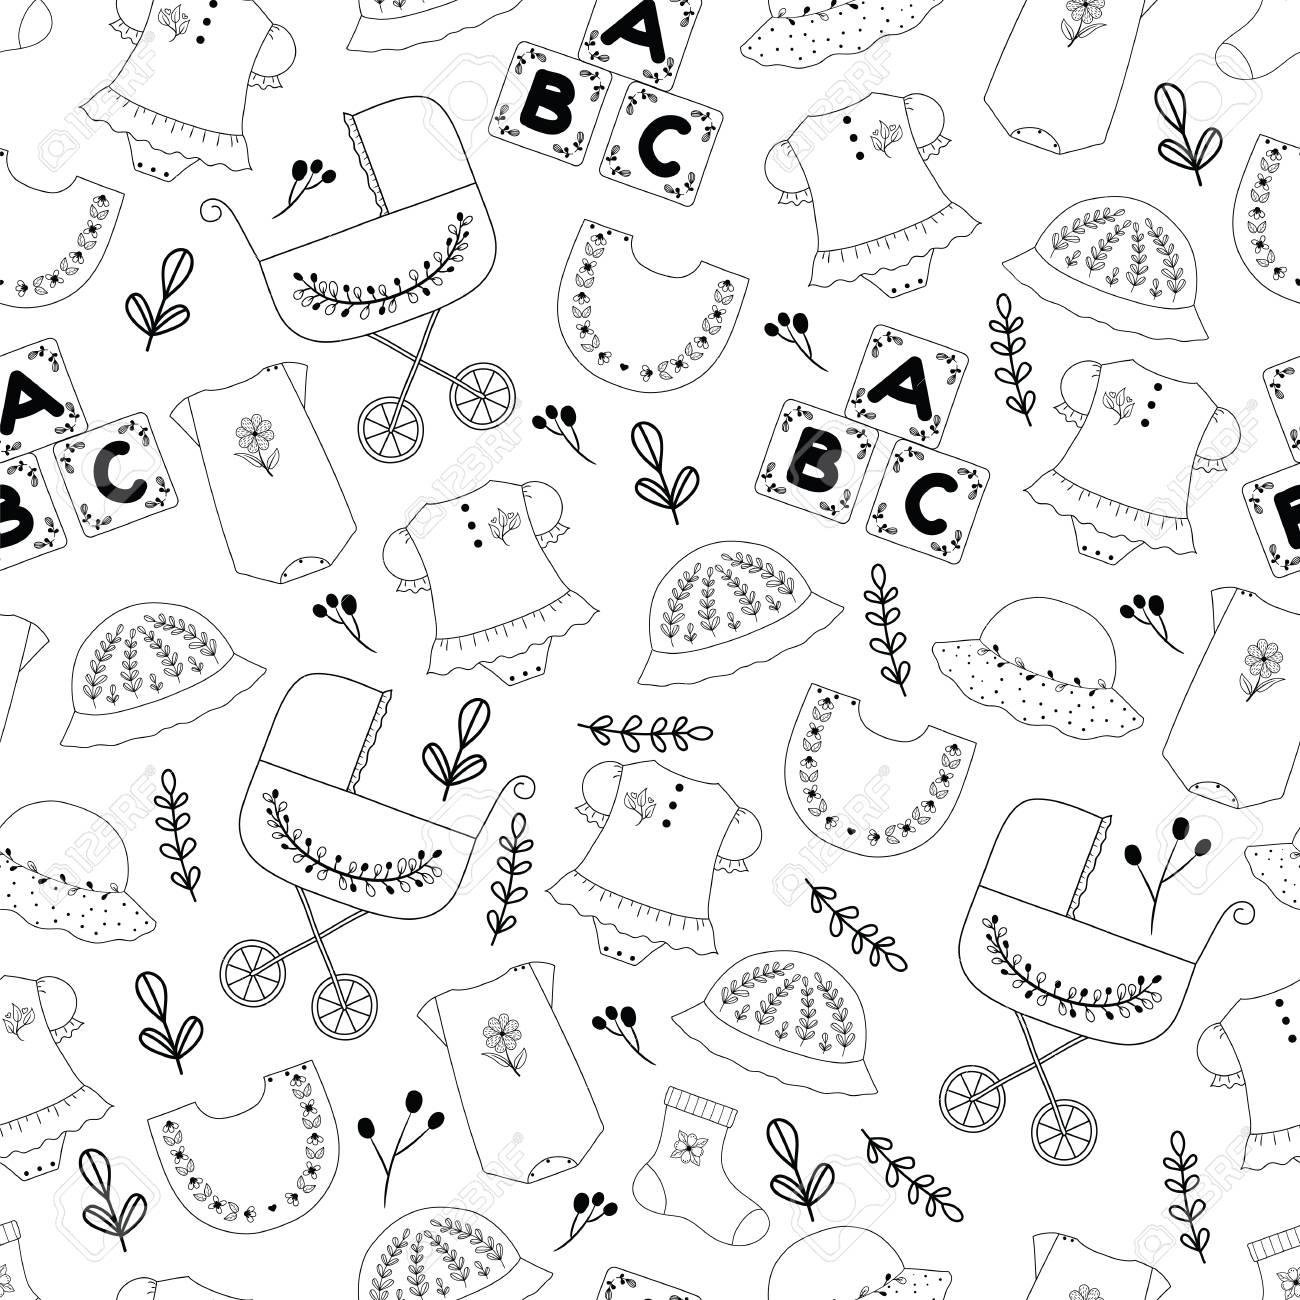 Seamless cute pattern of baby stuff. Hand drawn seamless pattern..